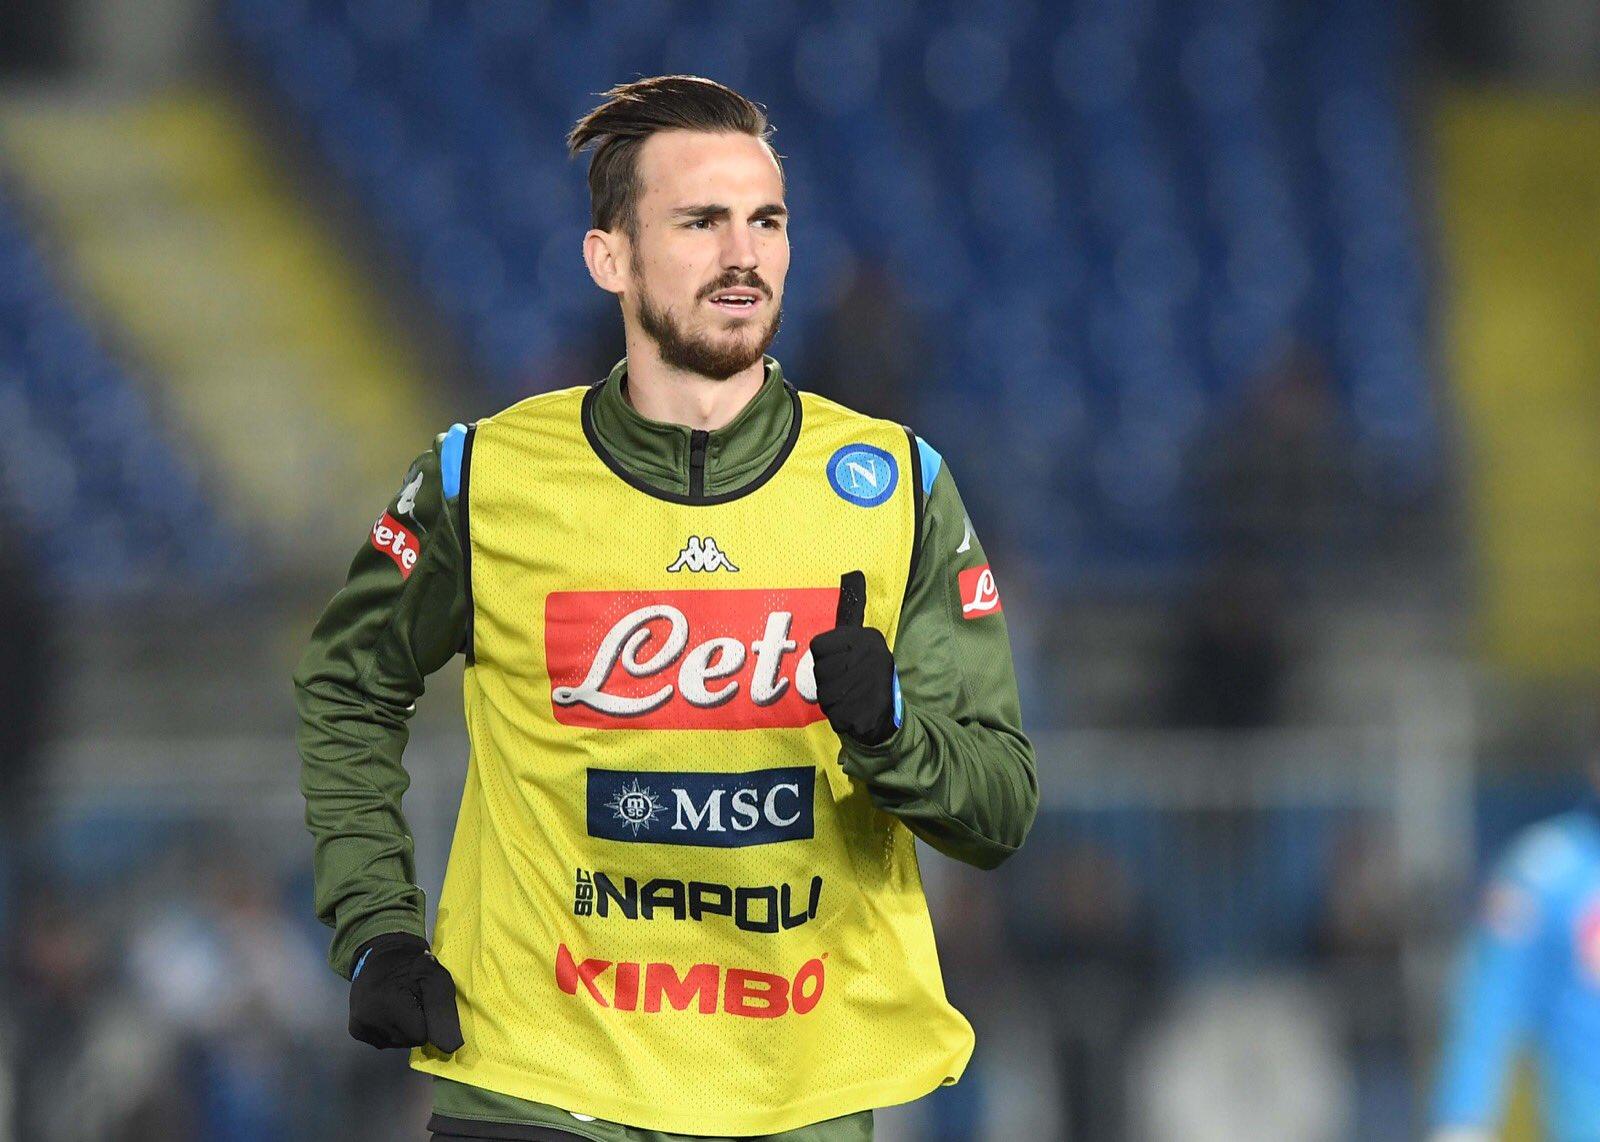 Il sinistro di Fabian (evidentemente scarso) porta il Napoli in zona Europa League